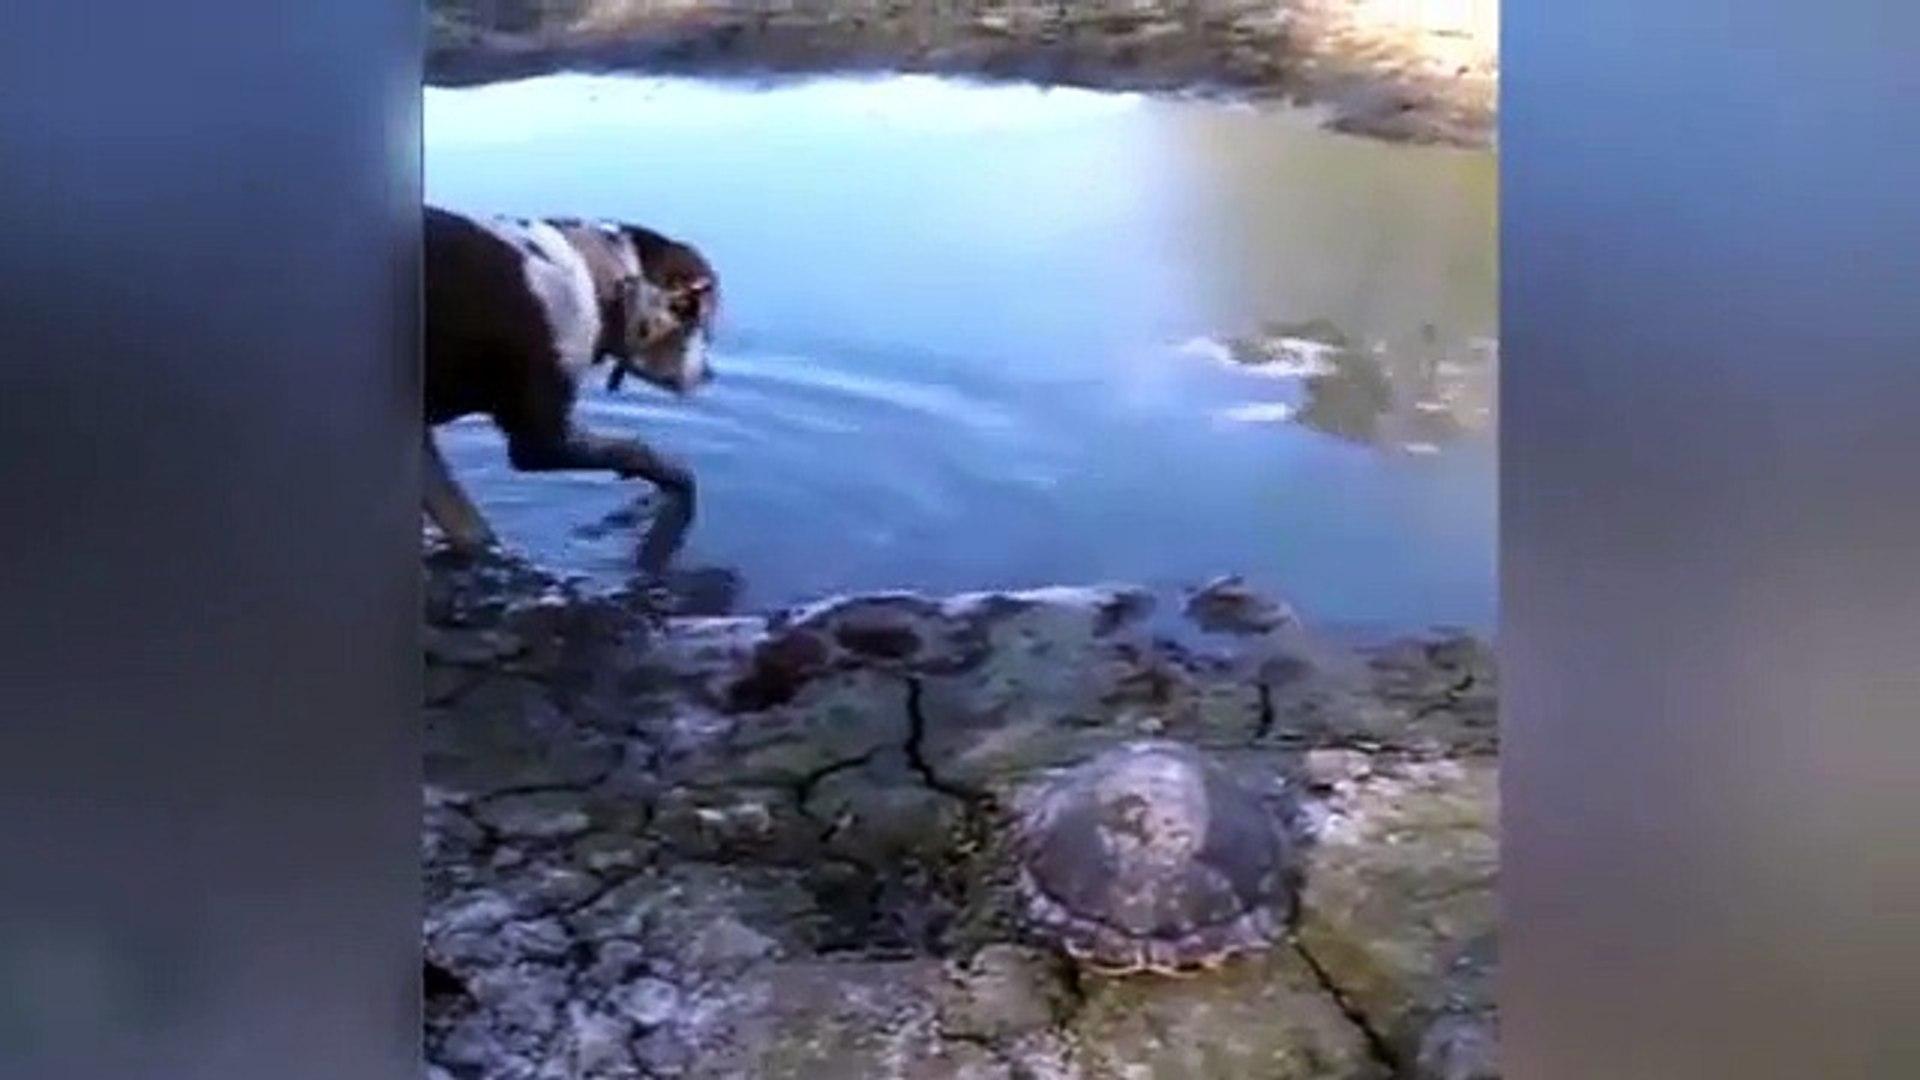 TiMSAH AV KOPEGiNi TEK HAMLEDE YAKALAYIP YUTTU - HUNTiNG DOG vs CROCODiL